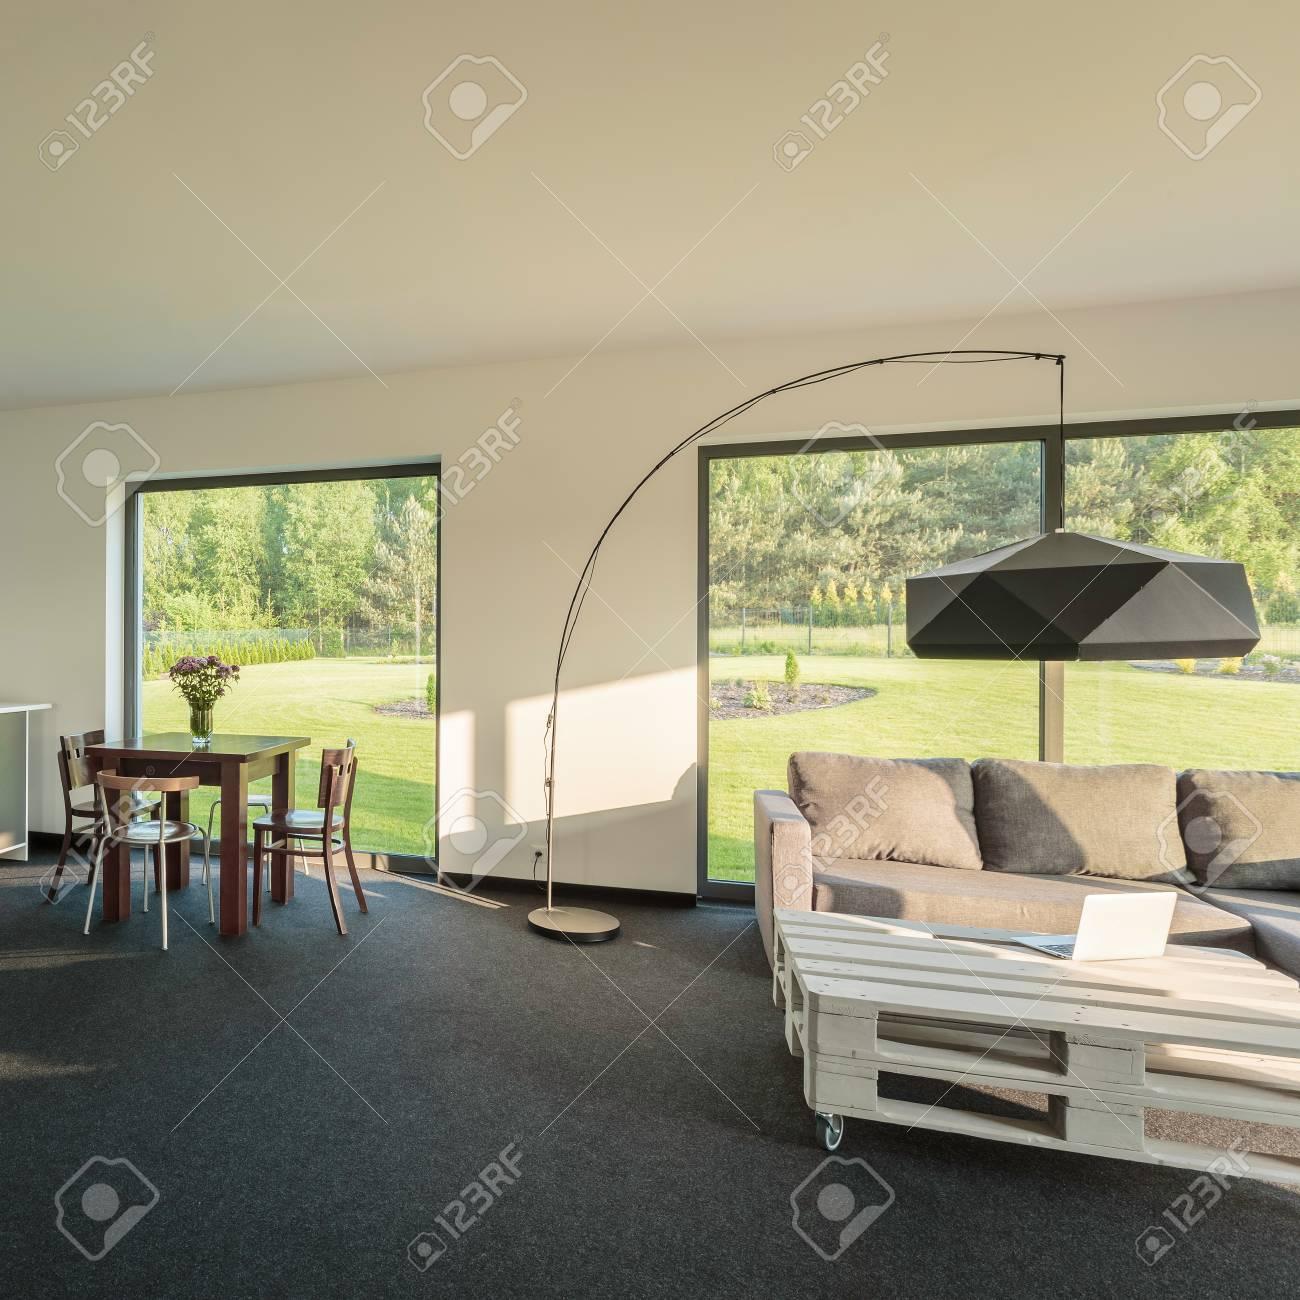 Lampe Salon Salle À Manger intérieur moderne et confortable avec salle à manger et salon avec grand  lampadaire au milieu